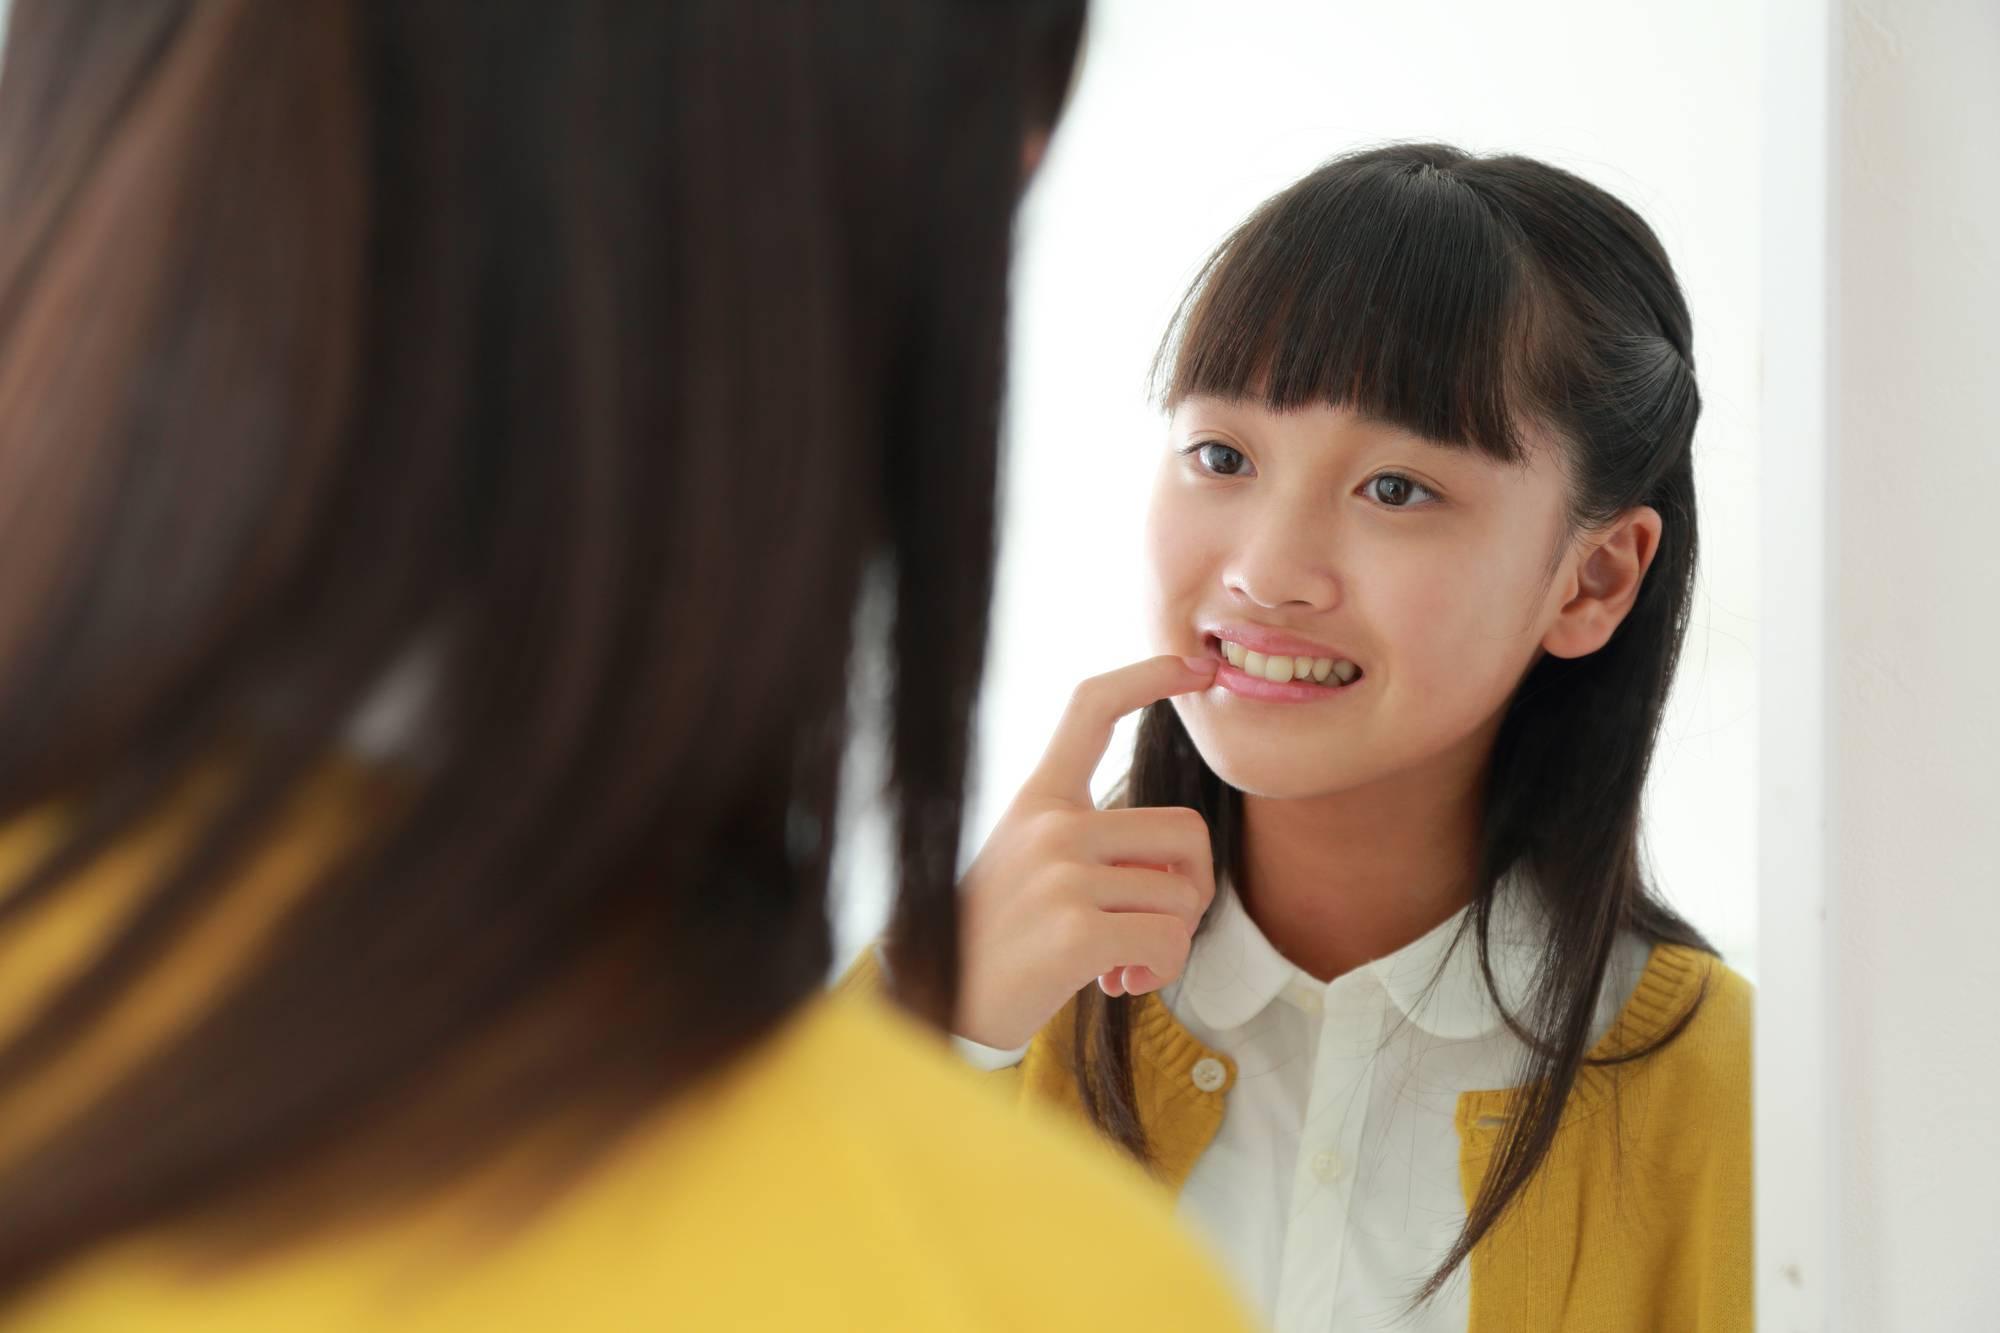 鏡で歯をチェックする女の子